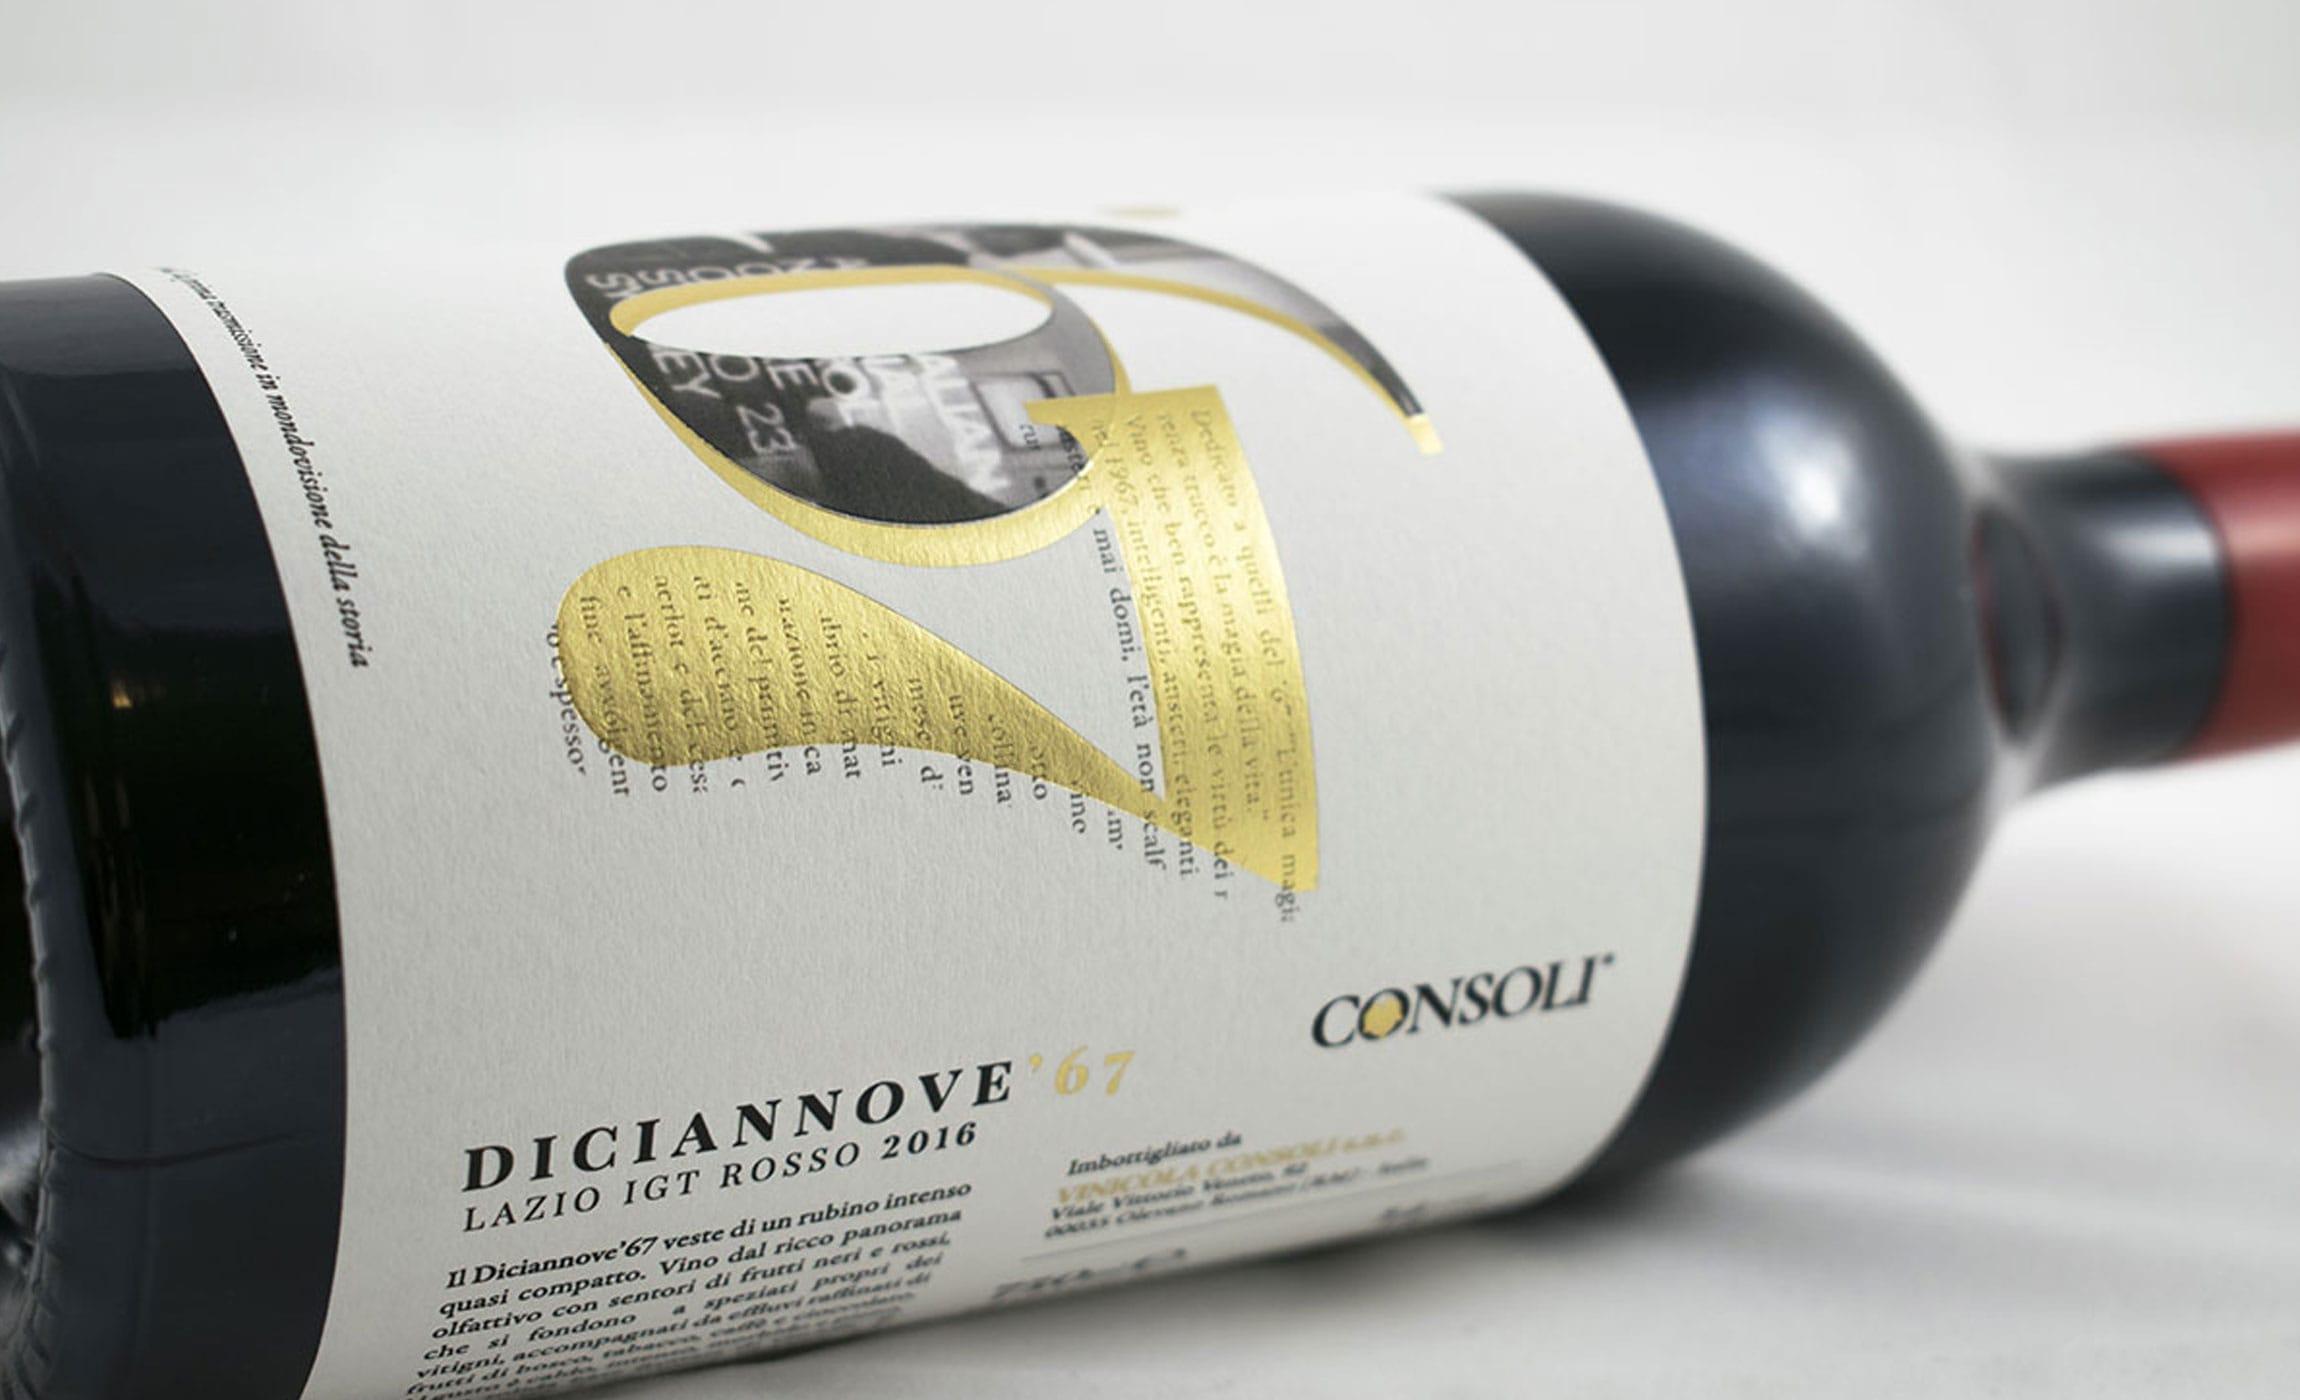 Bottiglia di vino rosso adagiata su un telo bianco su sfondo bianco. Etichetta di carta bianca con lamina oro e rilievo serigrafico.